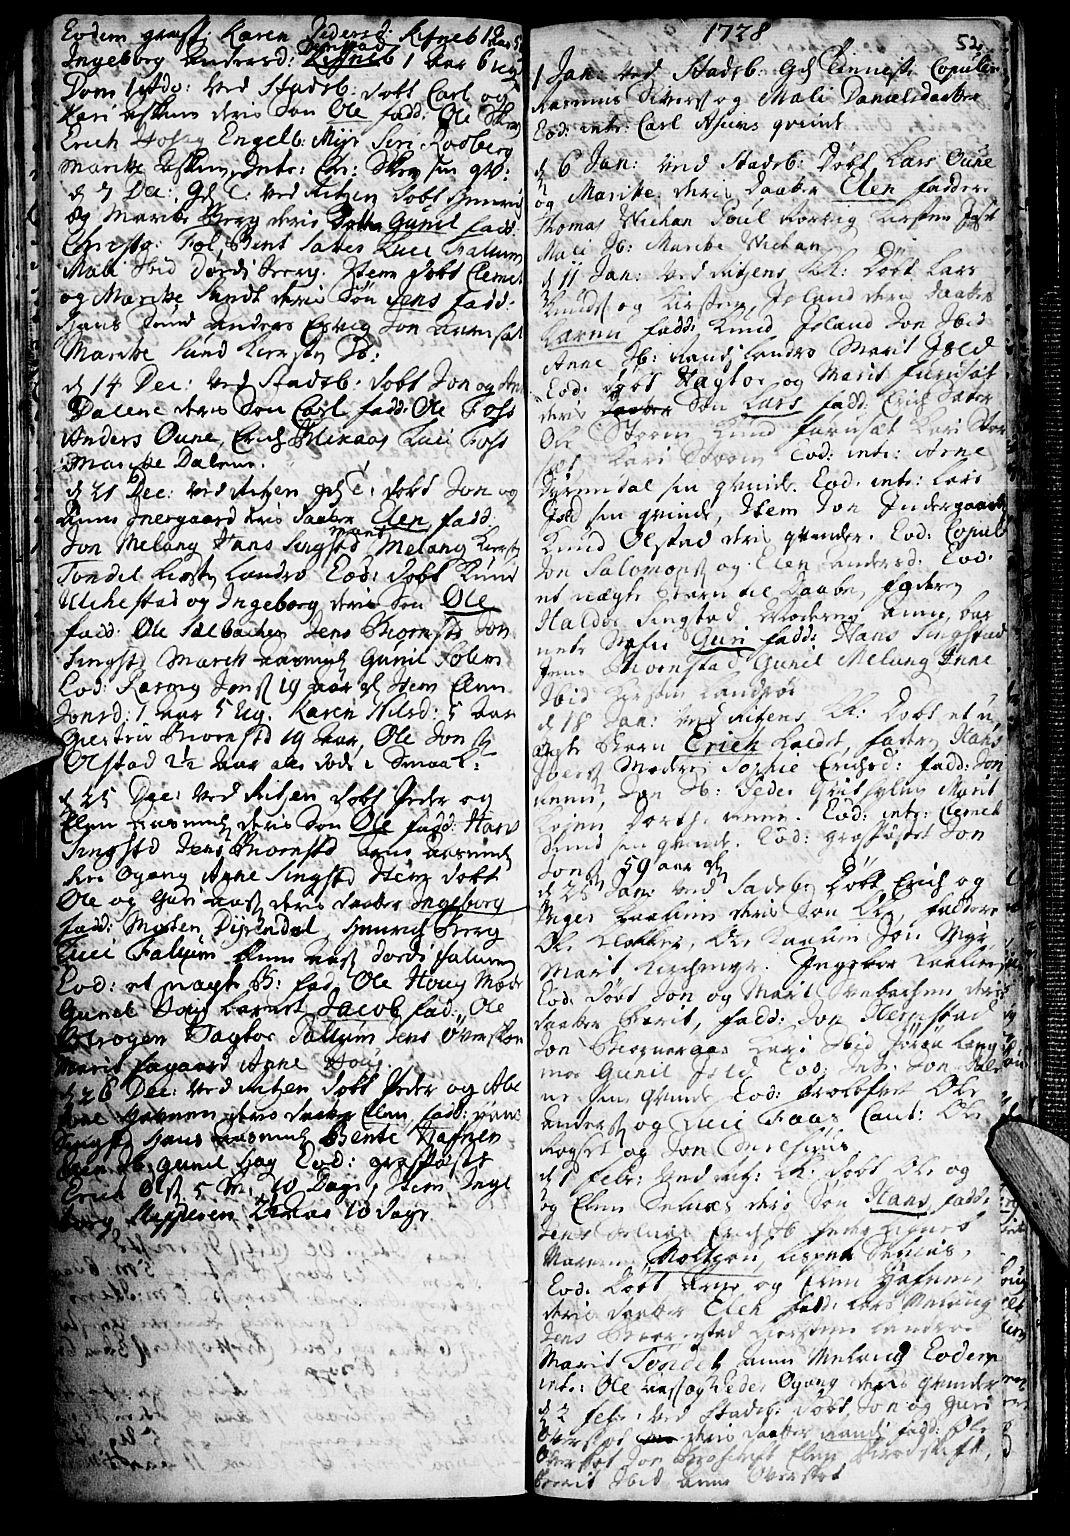 SAT, Ministerialprotokoller, klokkerbøker og fødselsregistre - Sør-Trøndelag, 646/L0603: Ministerialbok nr. 646A01, 1700-1734, s. 52